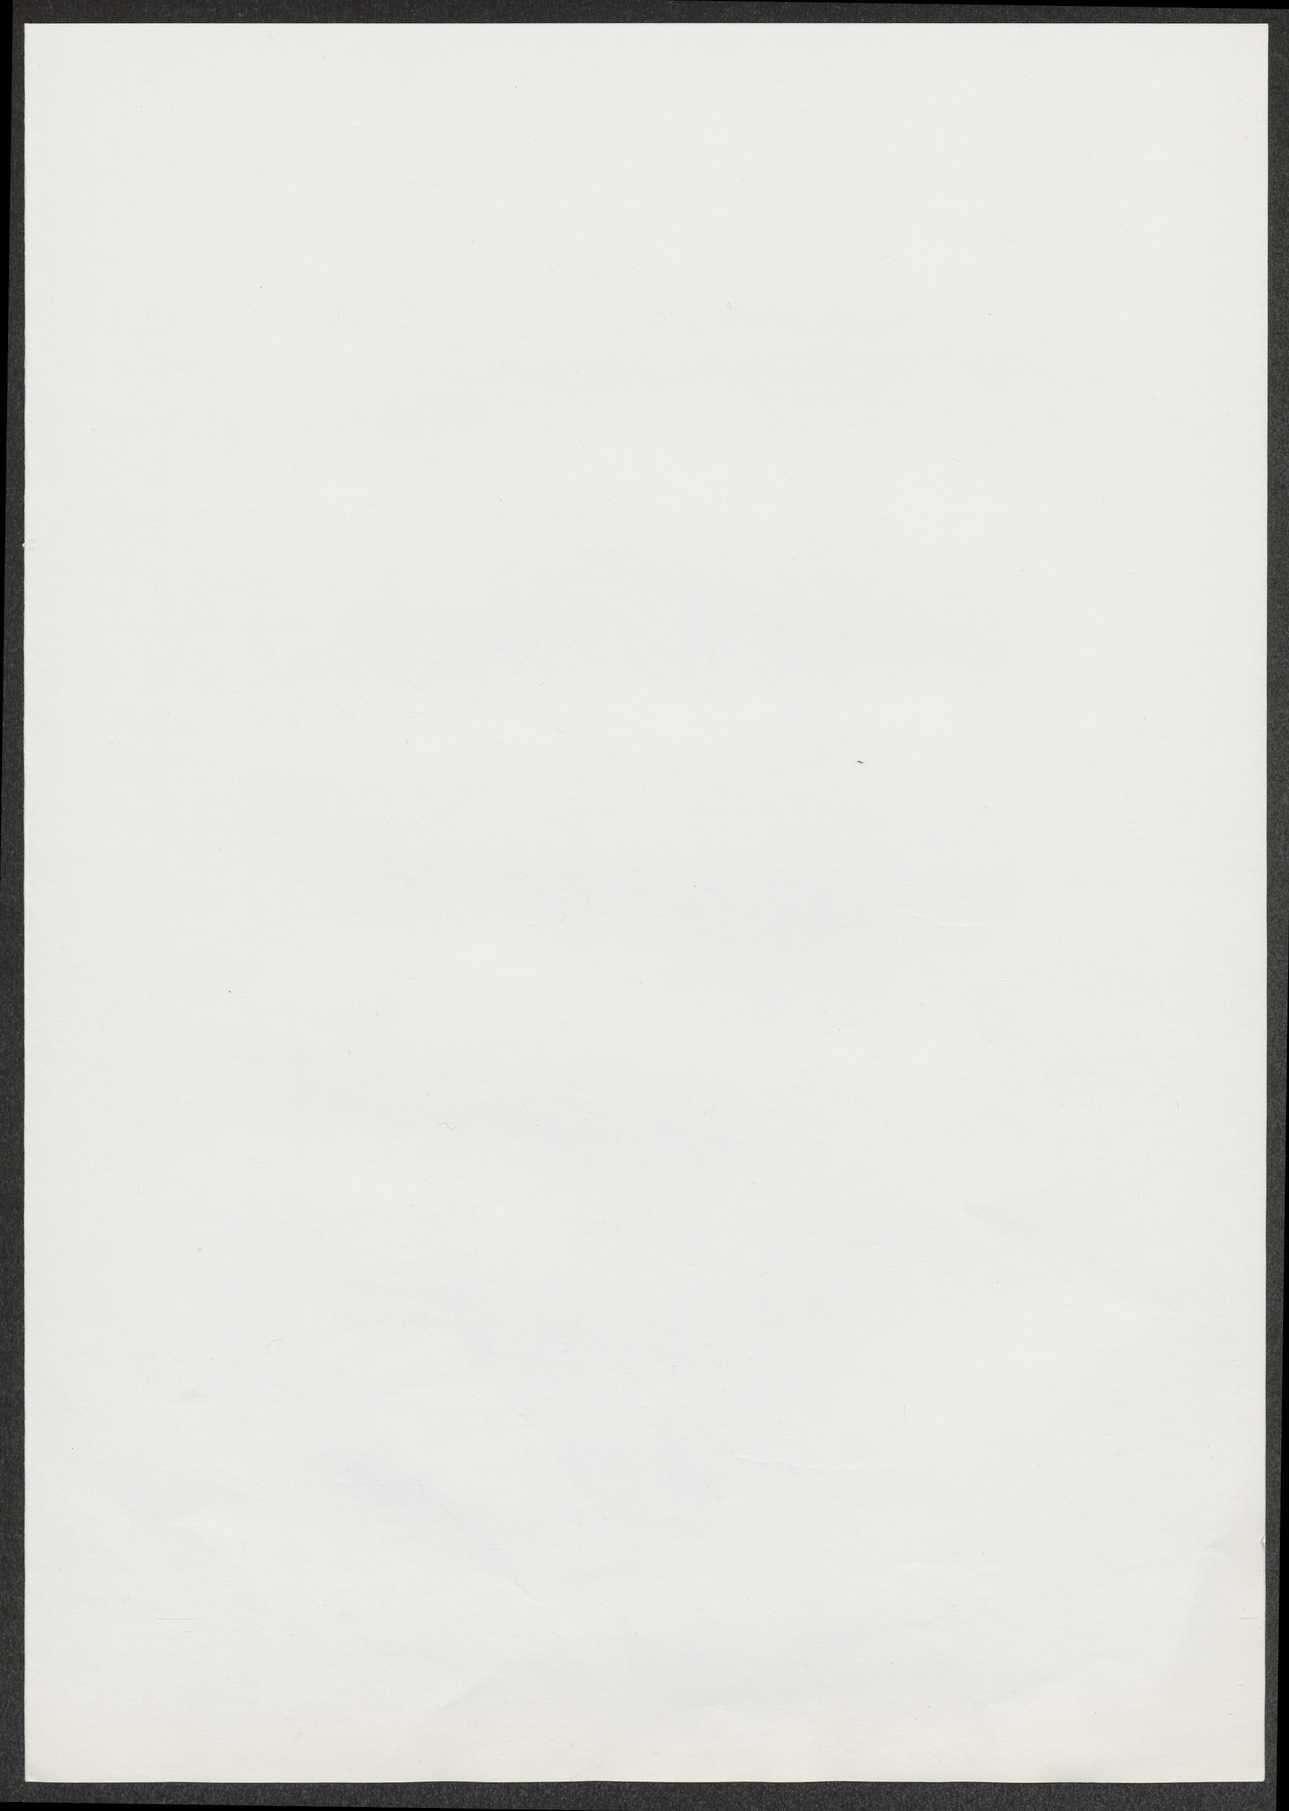 Regelung der Ausgangs- und Urlaubszeiten in Lazaretten, Zuteilung von Dauerurlaub- und Einlasskarten in die Kaserne; UrlaubEinzelfälle, Bild 3